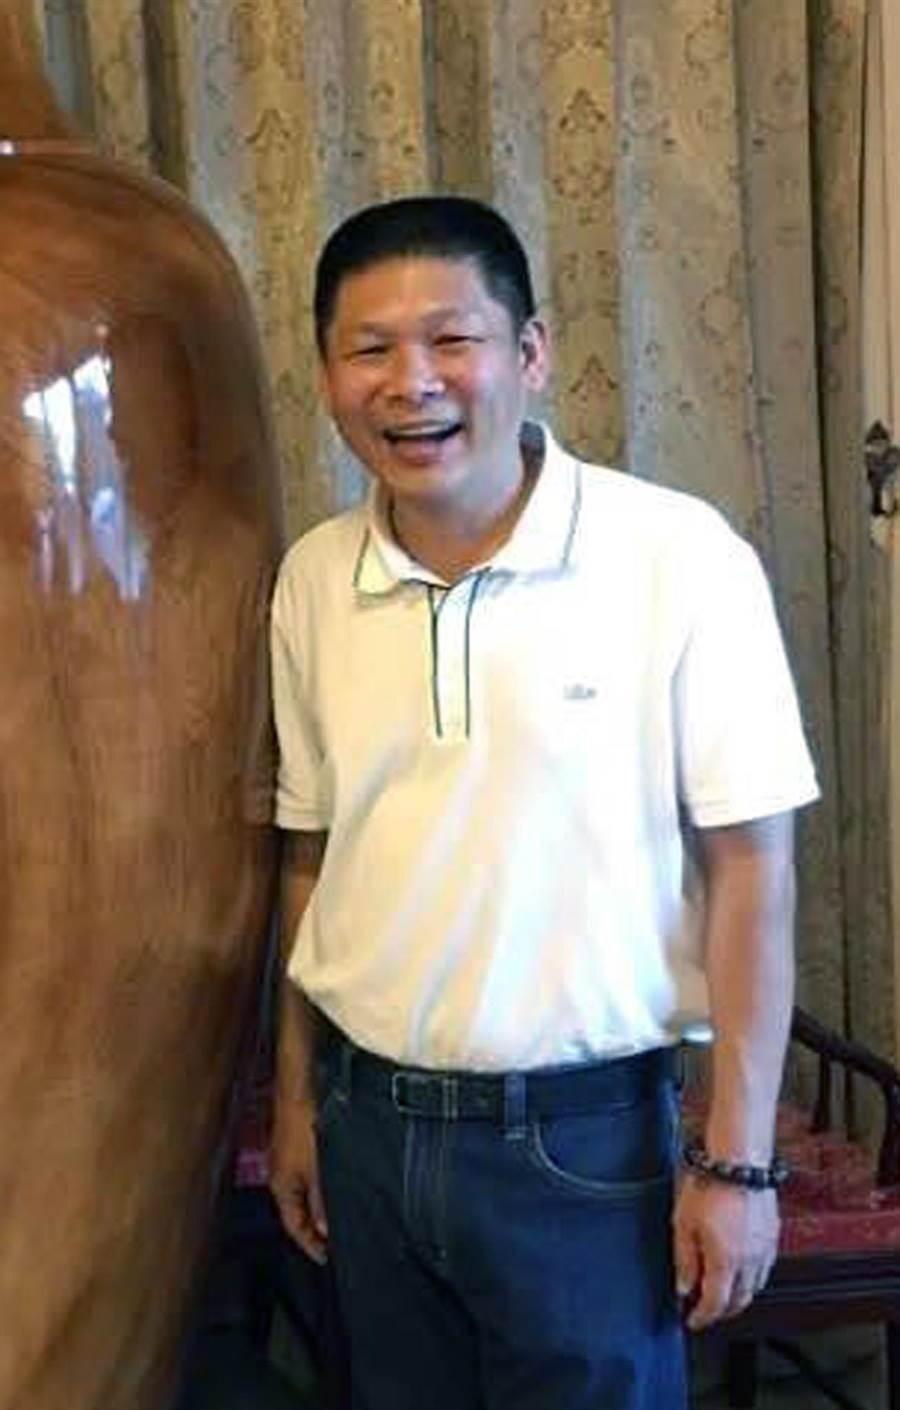 台南市安平區里長聯誼會長黃俊策涉嫌走私、偷渡案被羈押。(翻攝畫面)